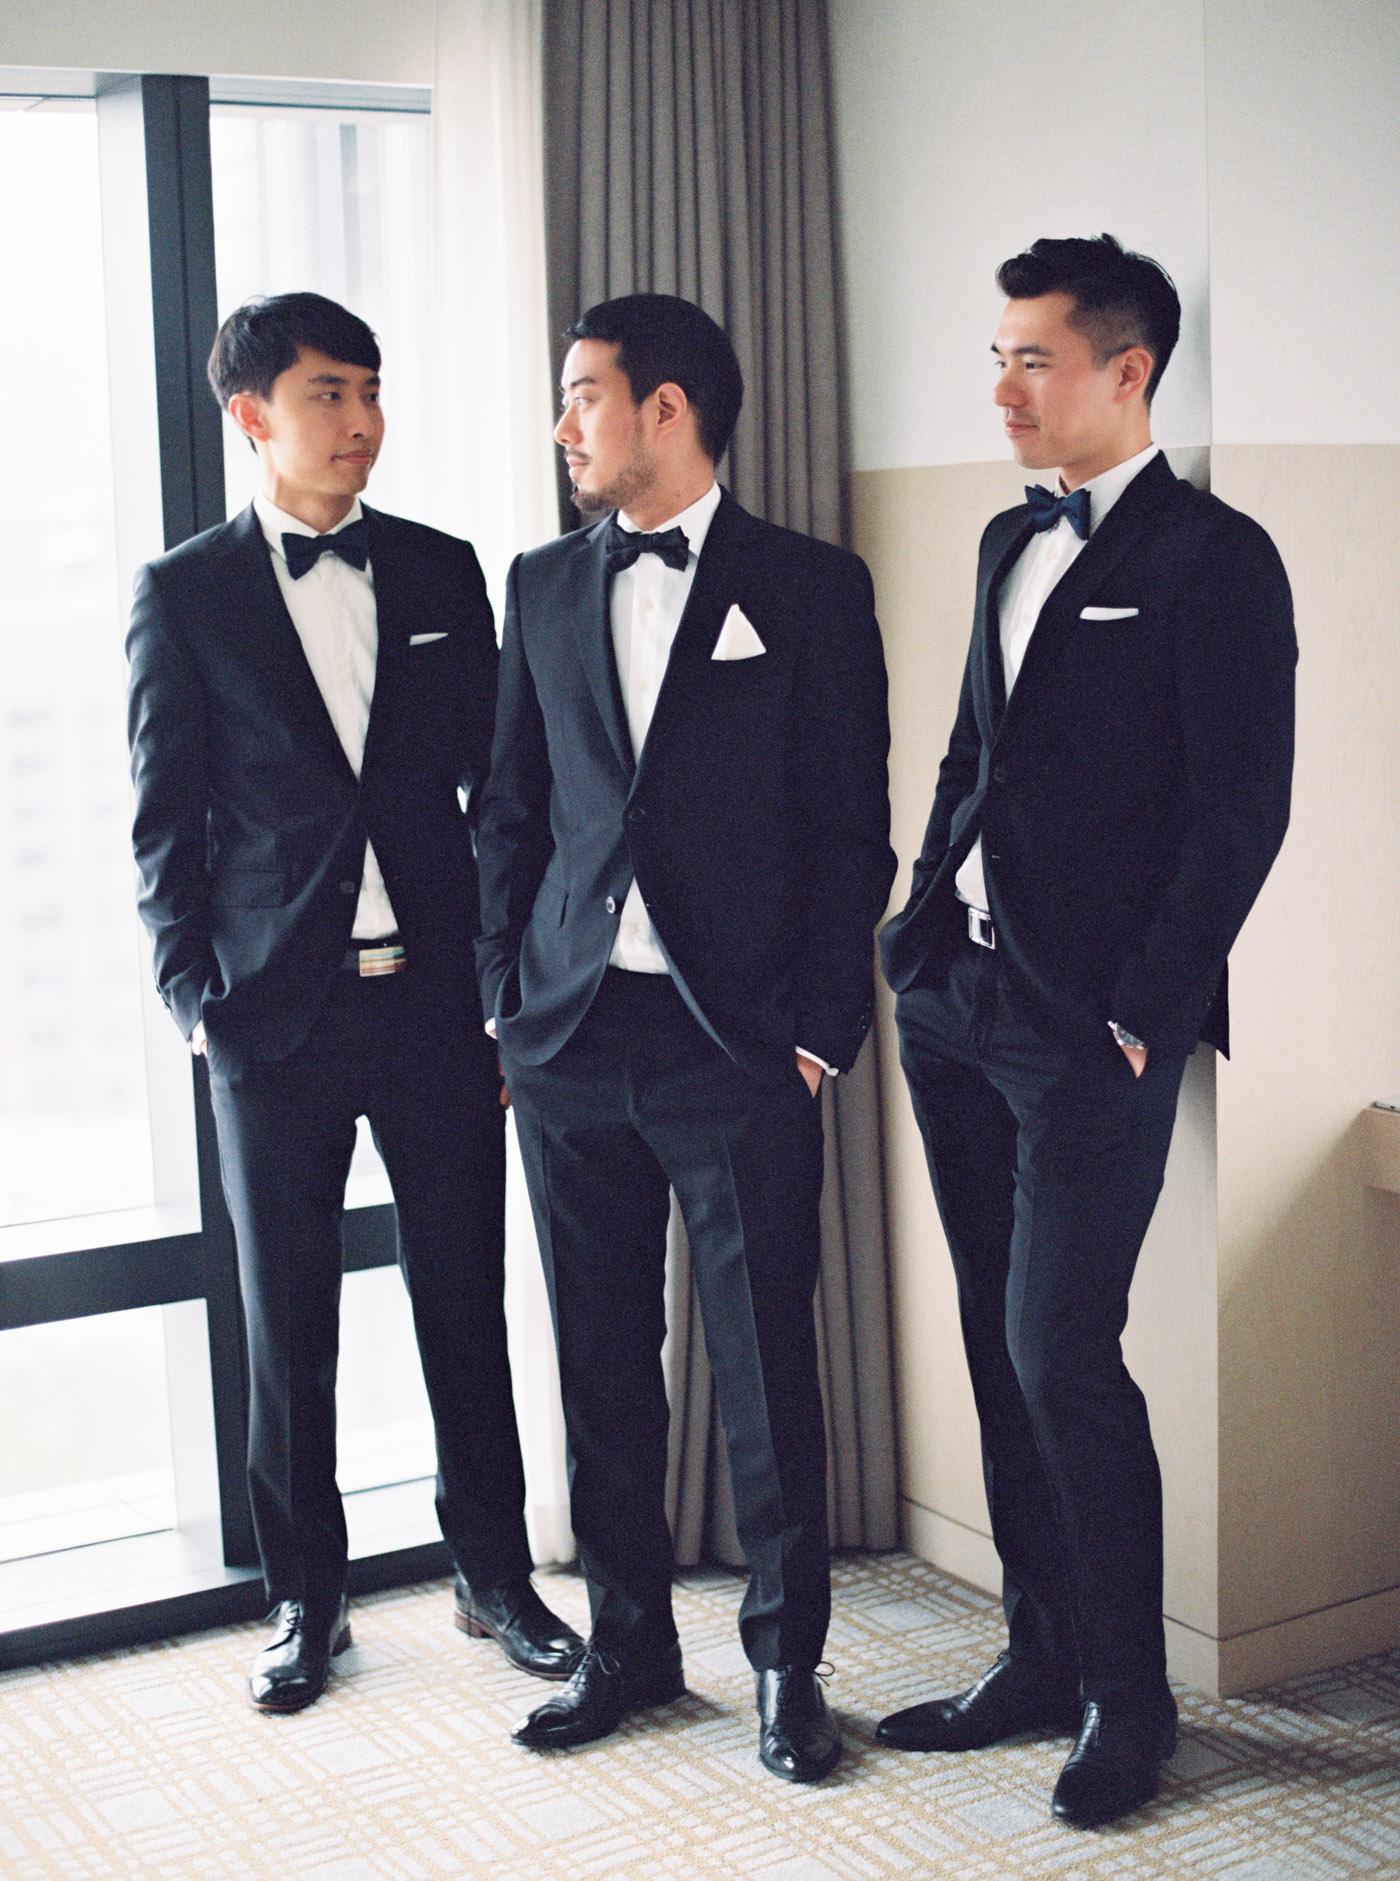 萬豪美式婚禮-伴郎-STAGE-Mark